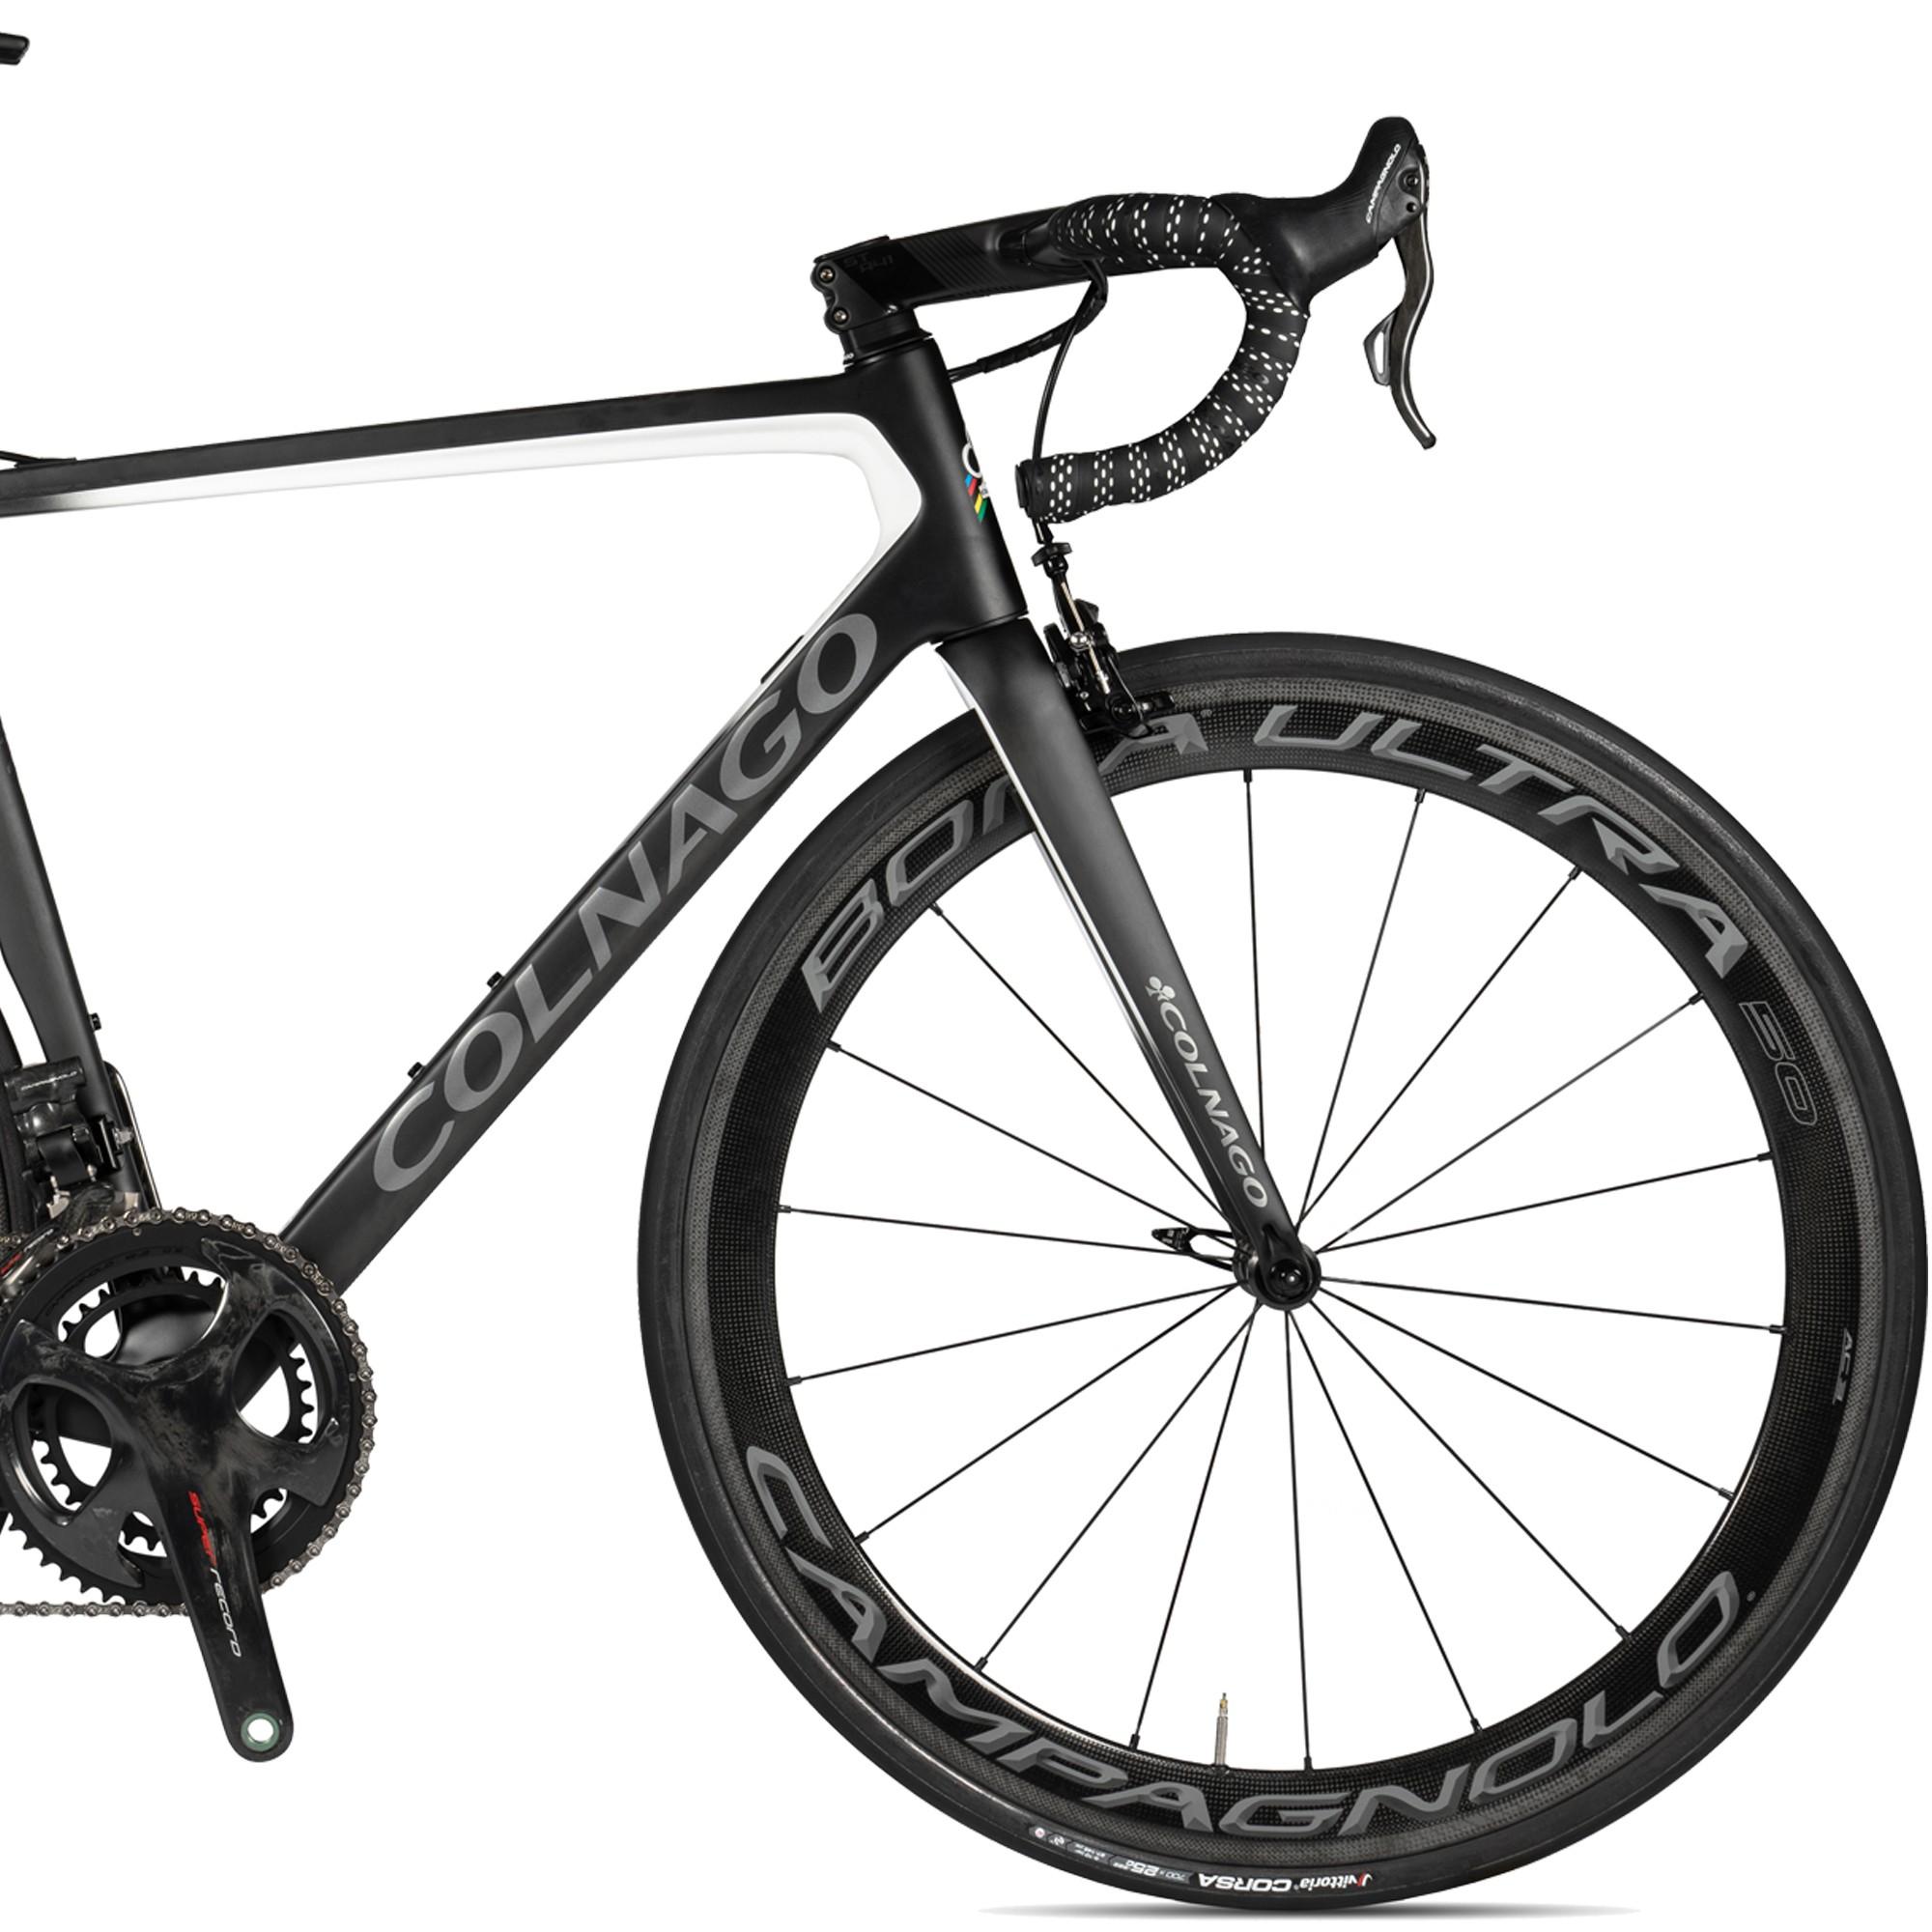 Colnago-V3R-S-Red-eTap-AXS-Disc-Road-Bike-2021-Fulcrum-Wind-40-2